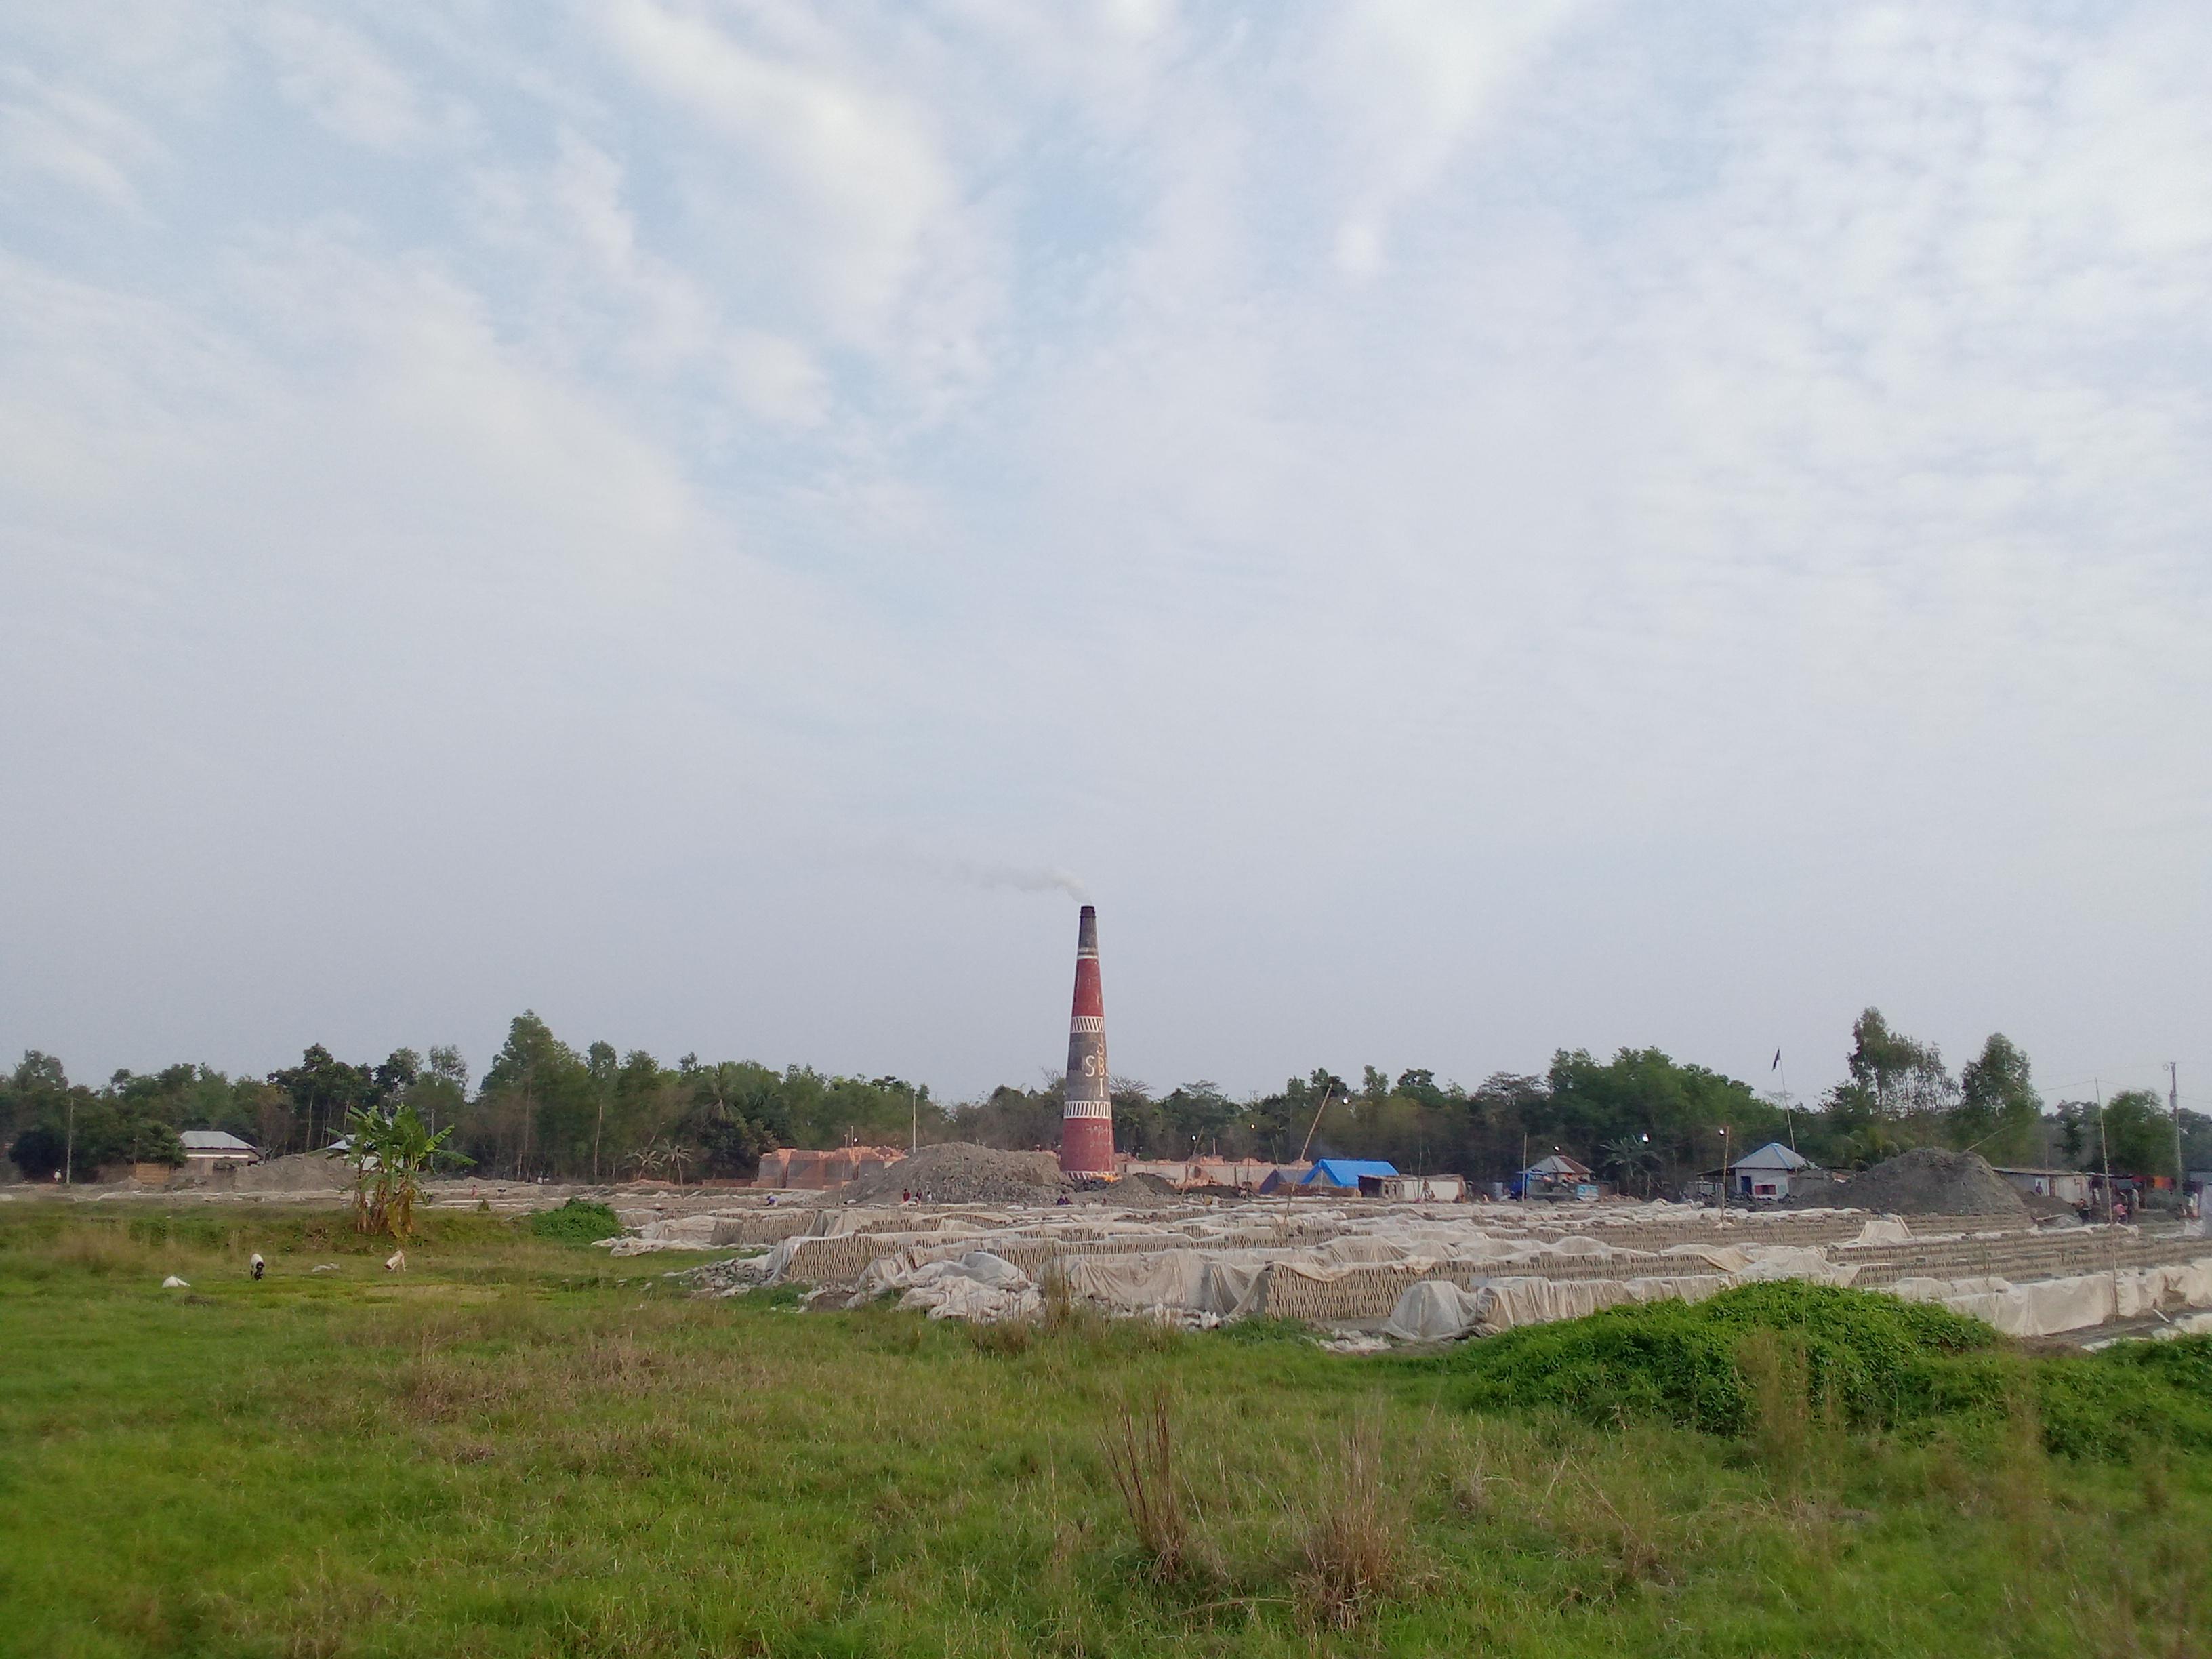 দোহারে সংবাদ প্রকাশের পরেও আবাসিক এলাকায় চলছে ইটের ভাটা, প্রশাসন নীরব